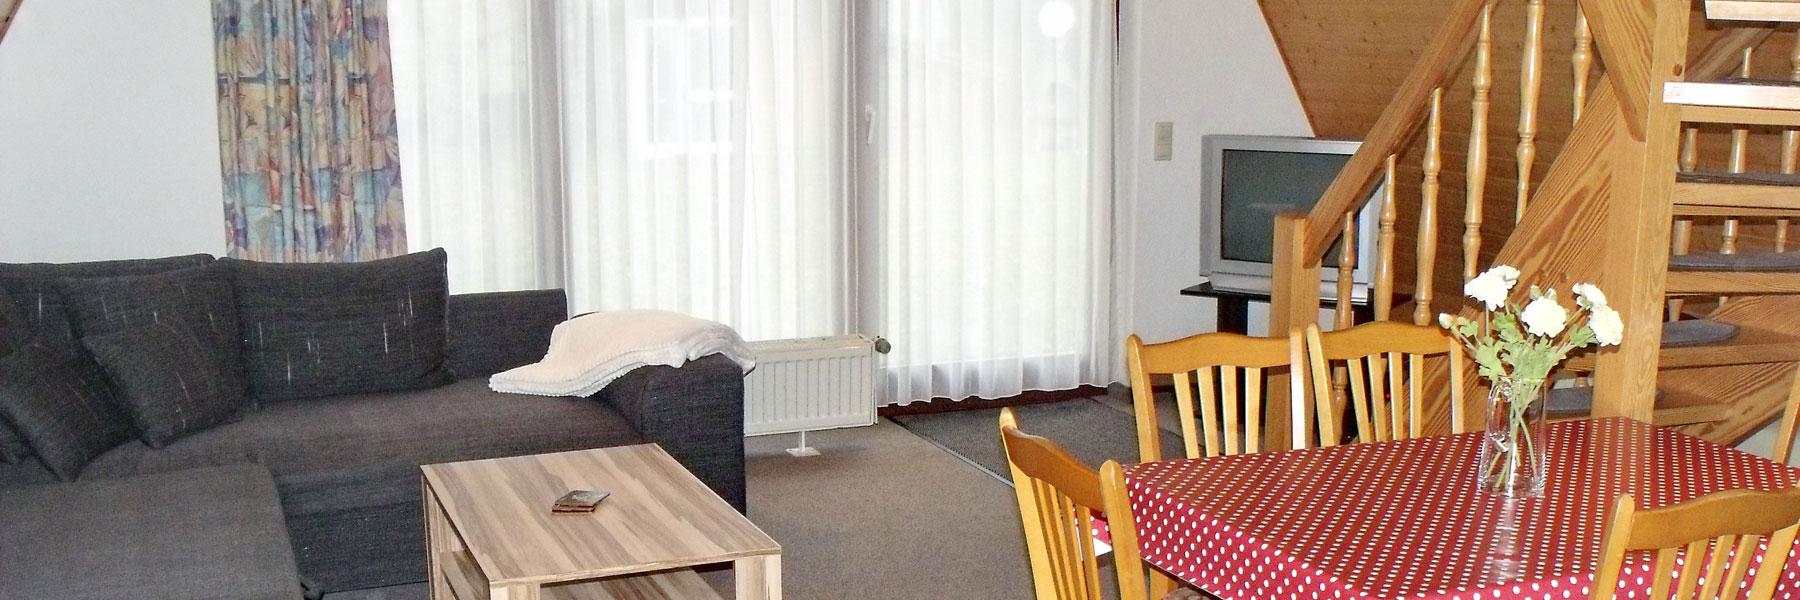 Wohnraum - Ferienhausvermietung Buchholz